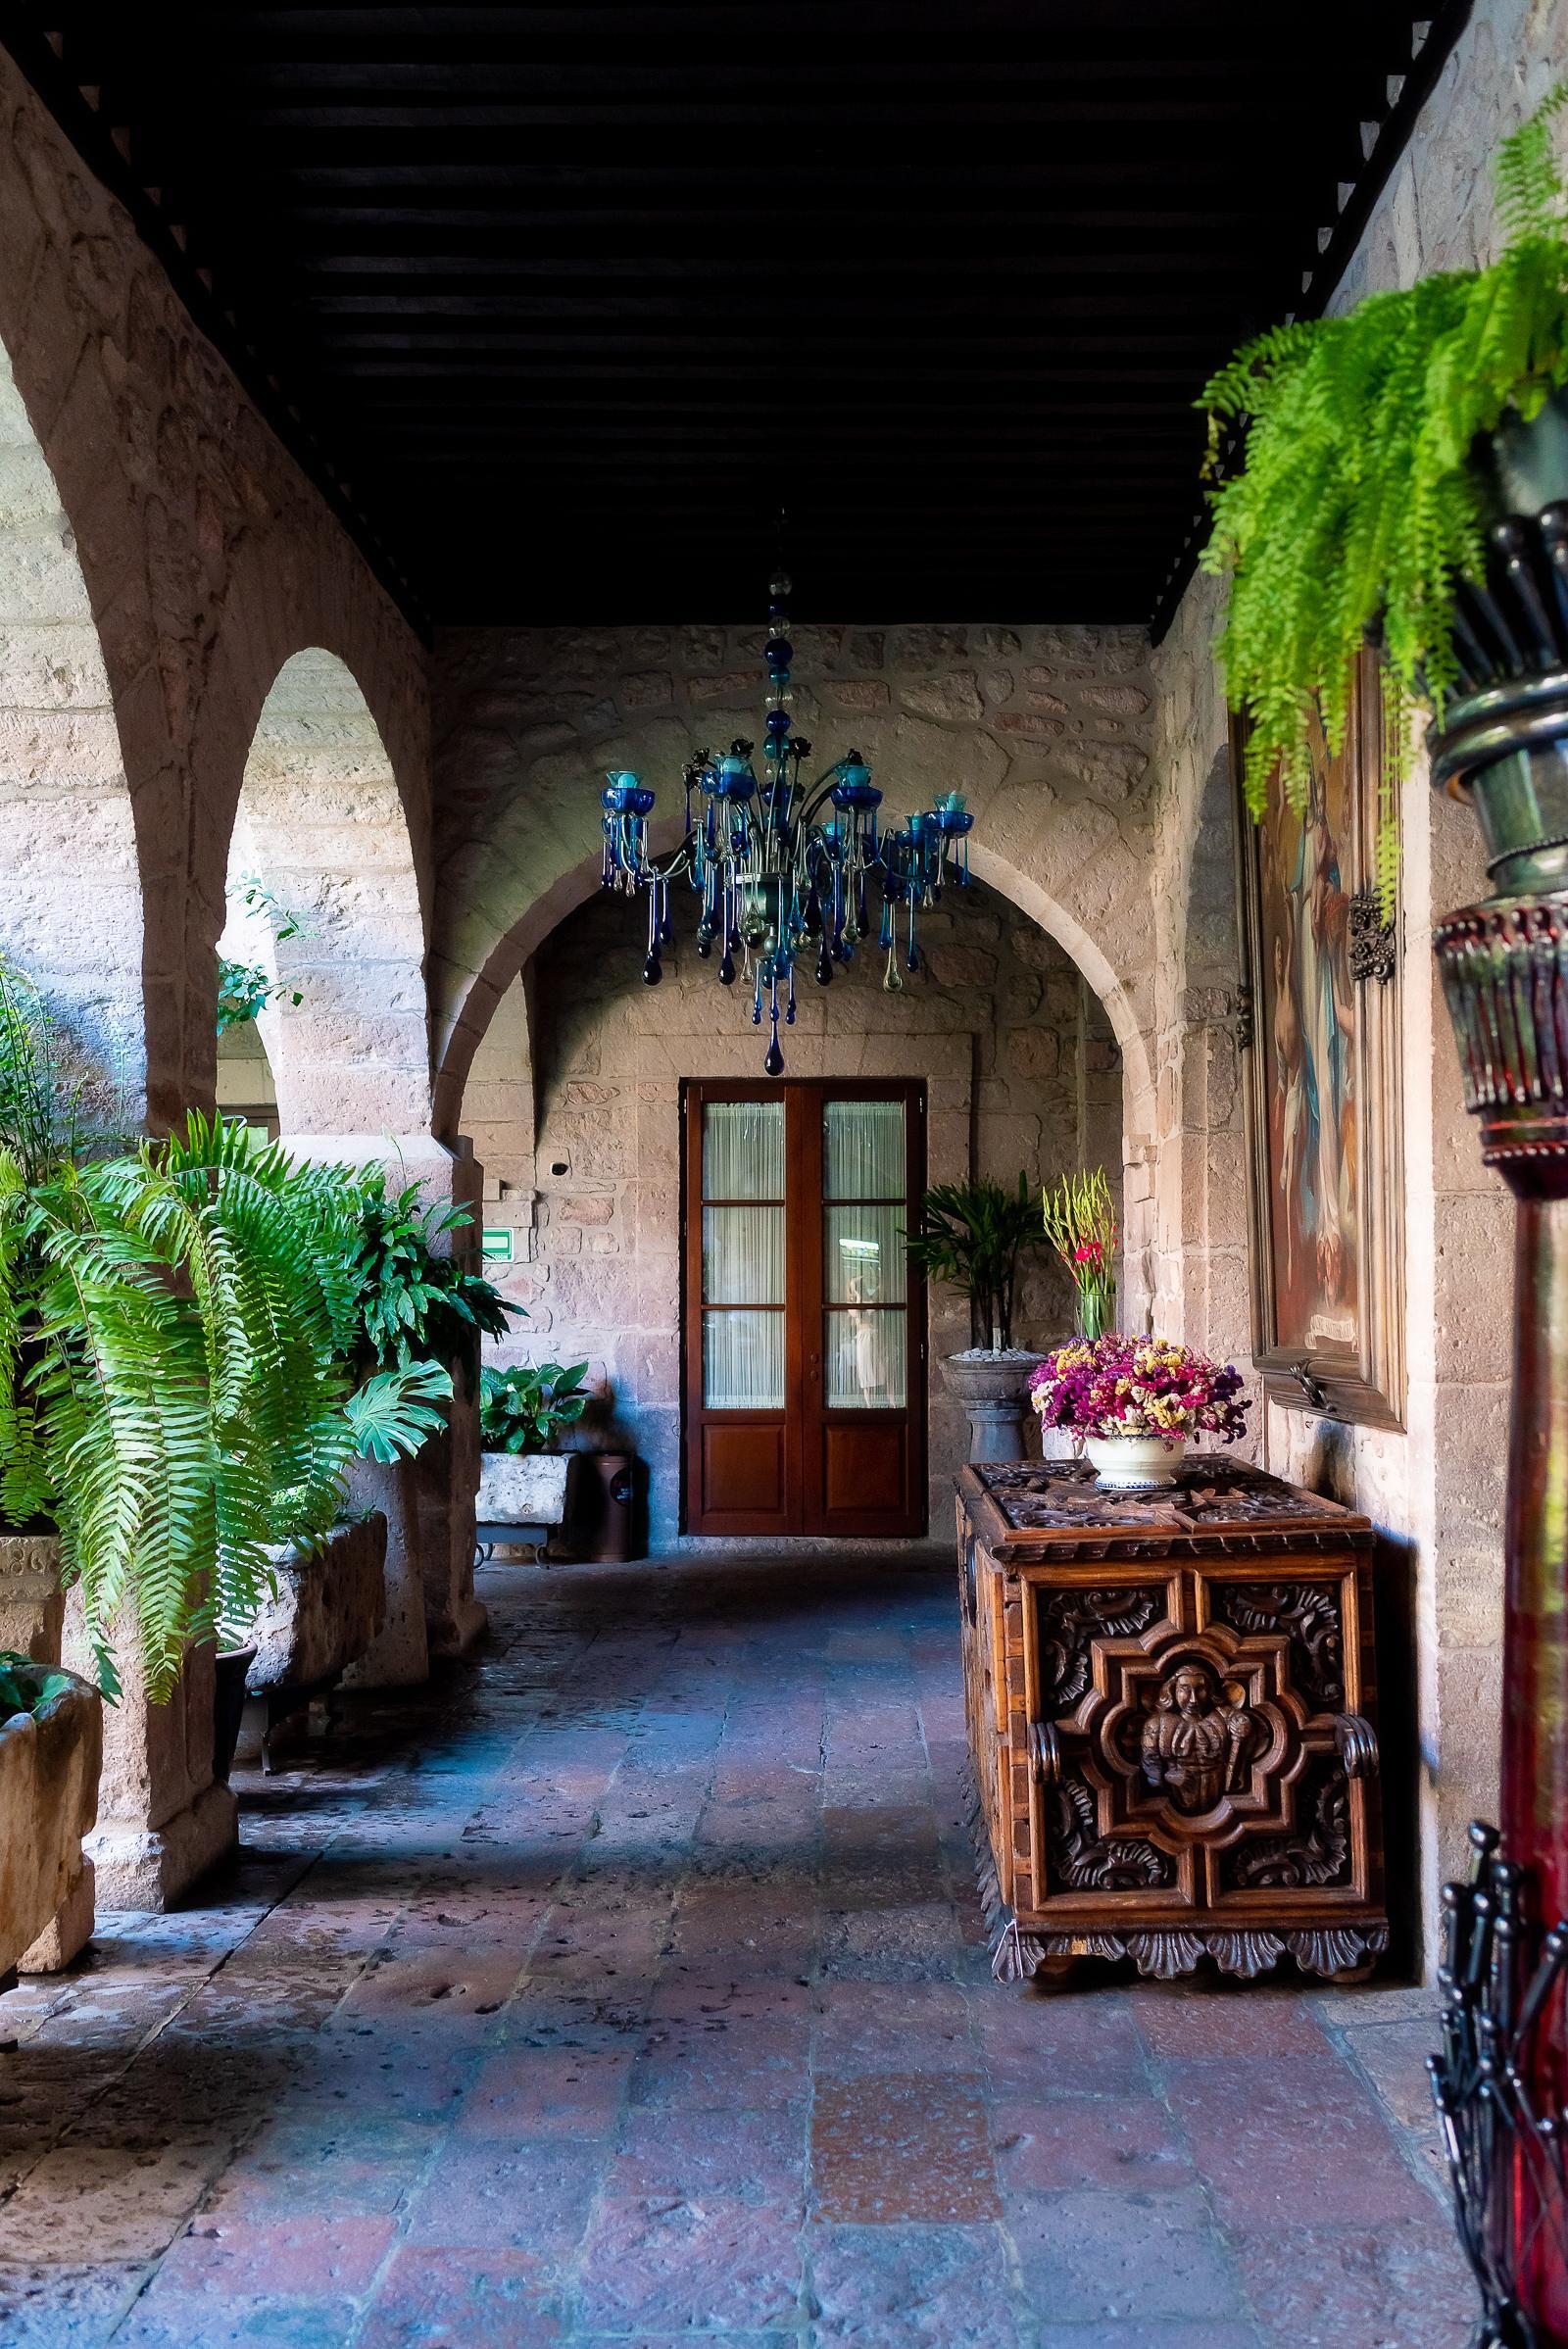 Hotel de la Soledad Morelia Mexico